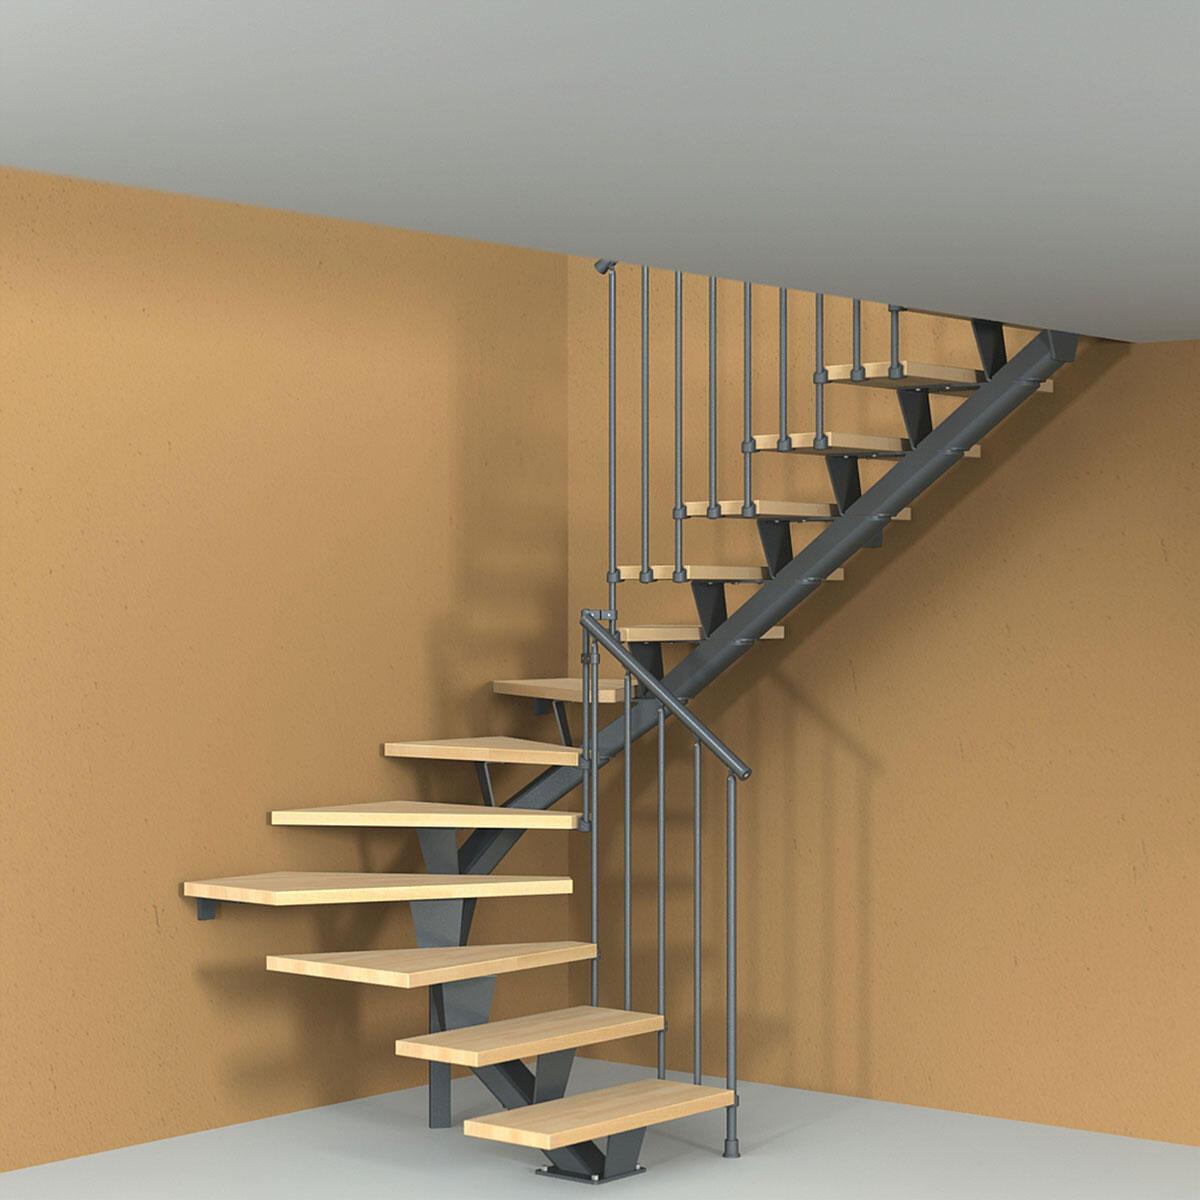 Scala a rampa due quarti di giro Mas 030 FONTANOT L 75 cm, gradino naturale, struttura antracite - 1